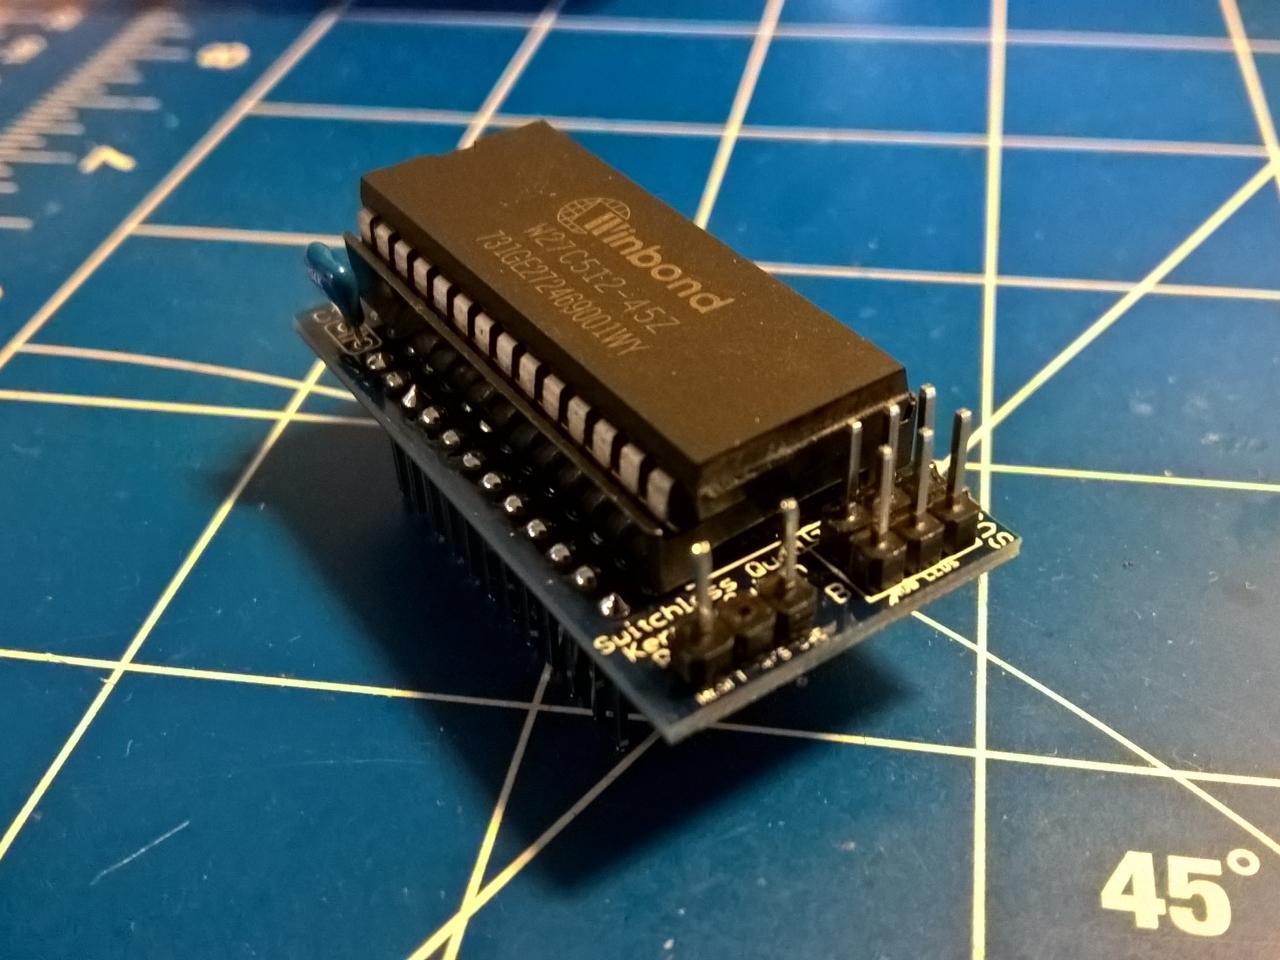 Einbau eines Ersatz-ROM in einen C64 oder VIC20. (Bild: Thilo Niewöhner)